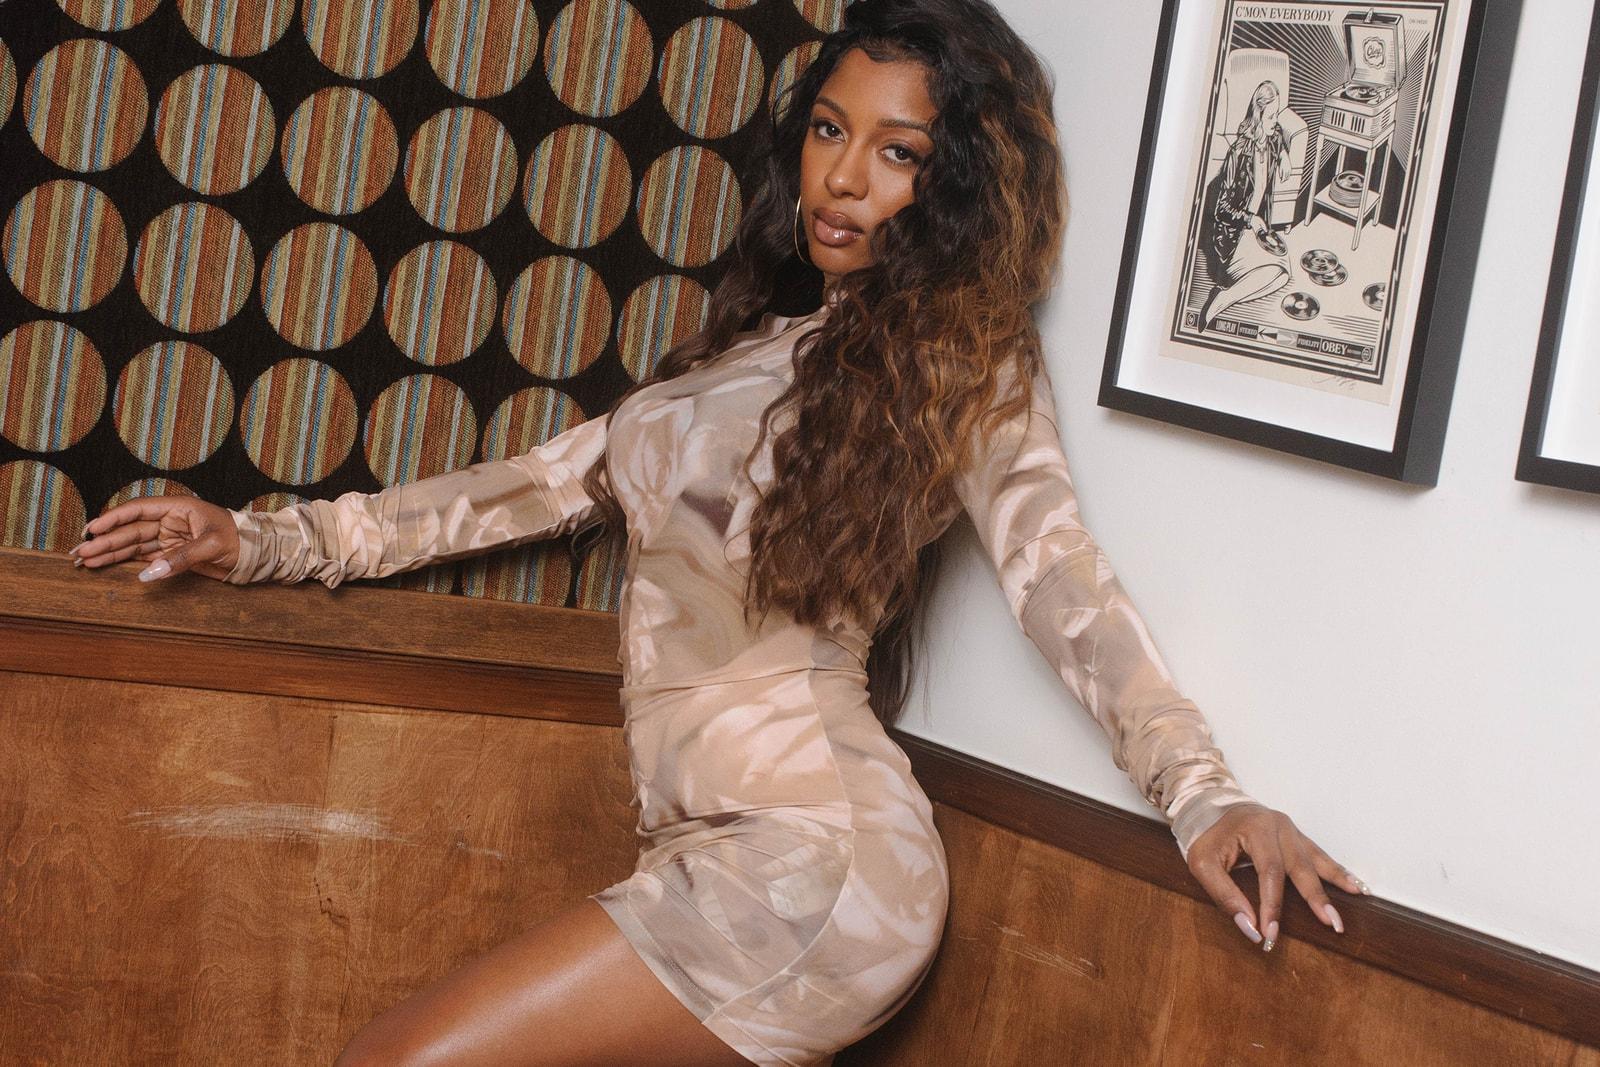 Victoria Monét Jaguar Singer Songwriter Music Artist Underwear Skims Amiri Blouse Jewelry Necklace Hotel Editorial Fashion Socks